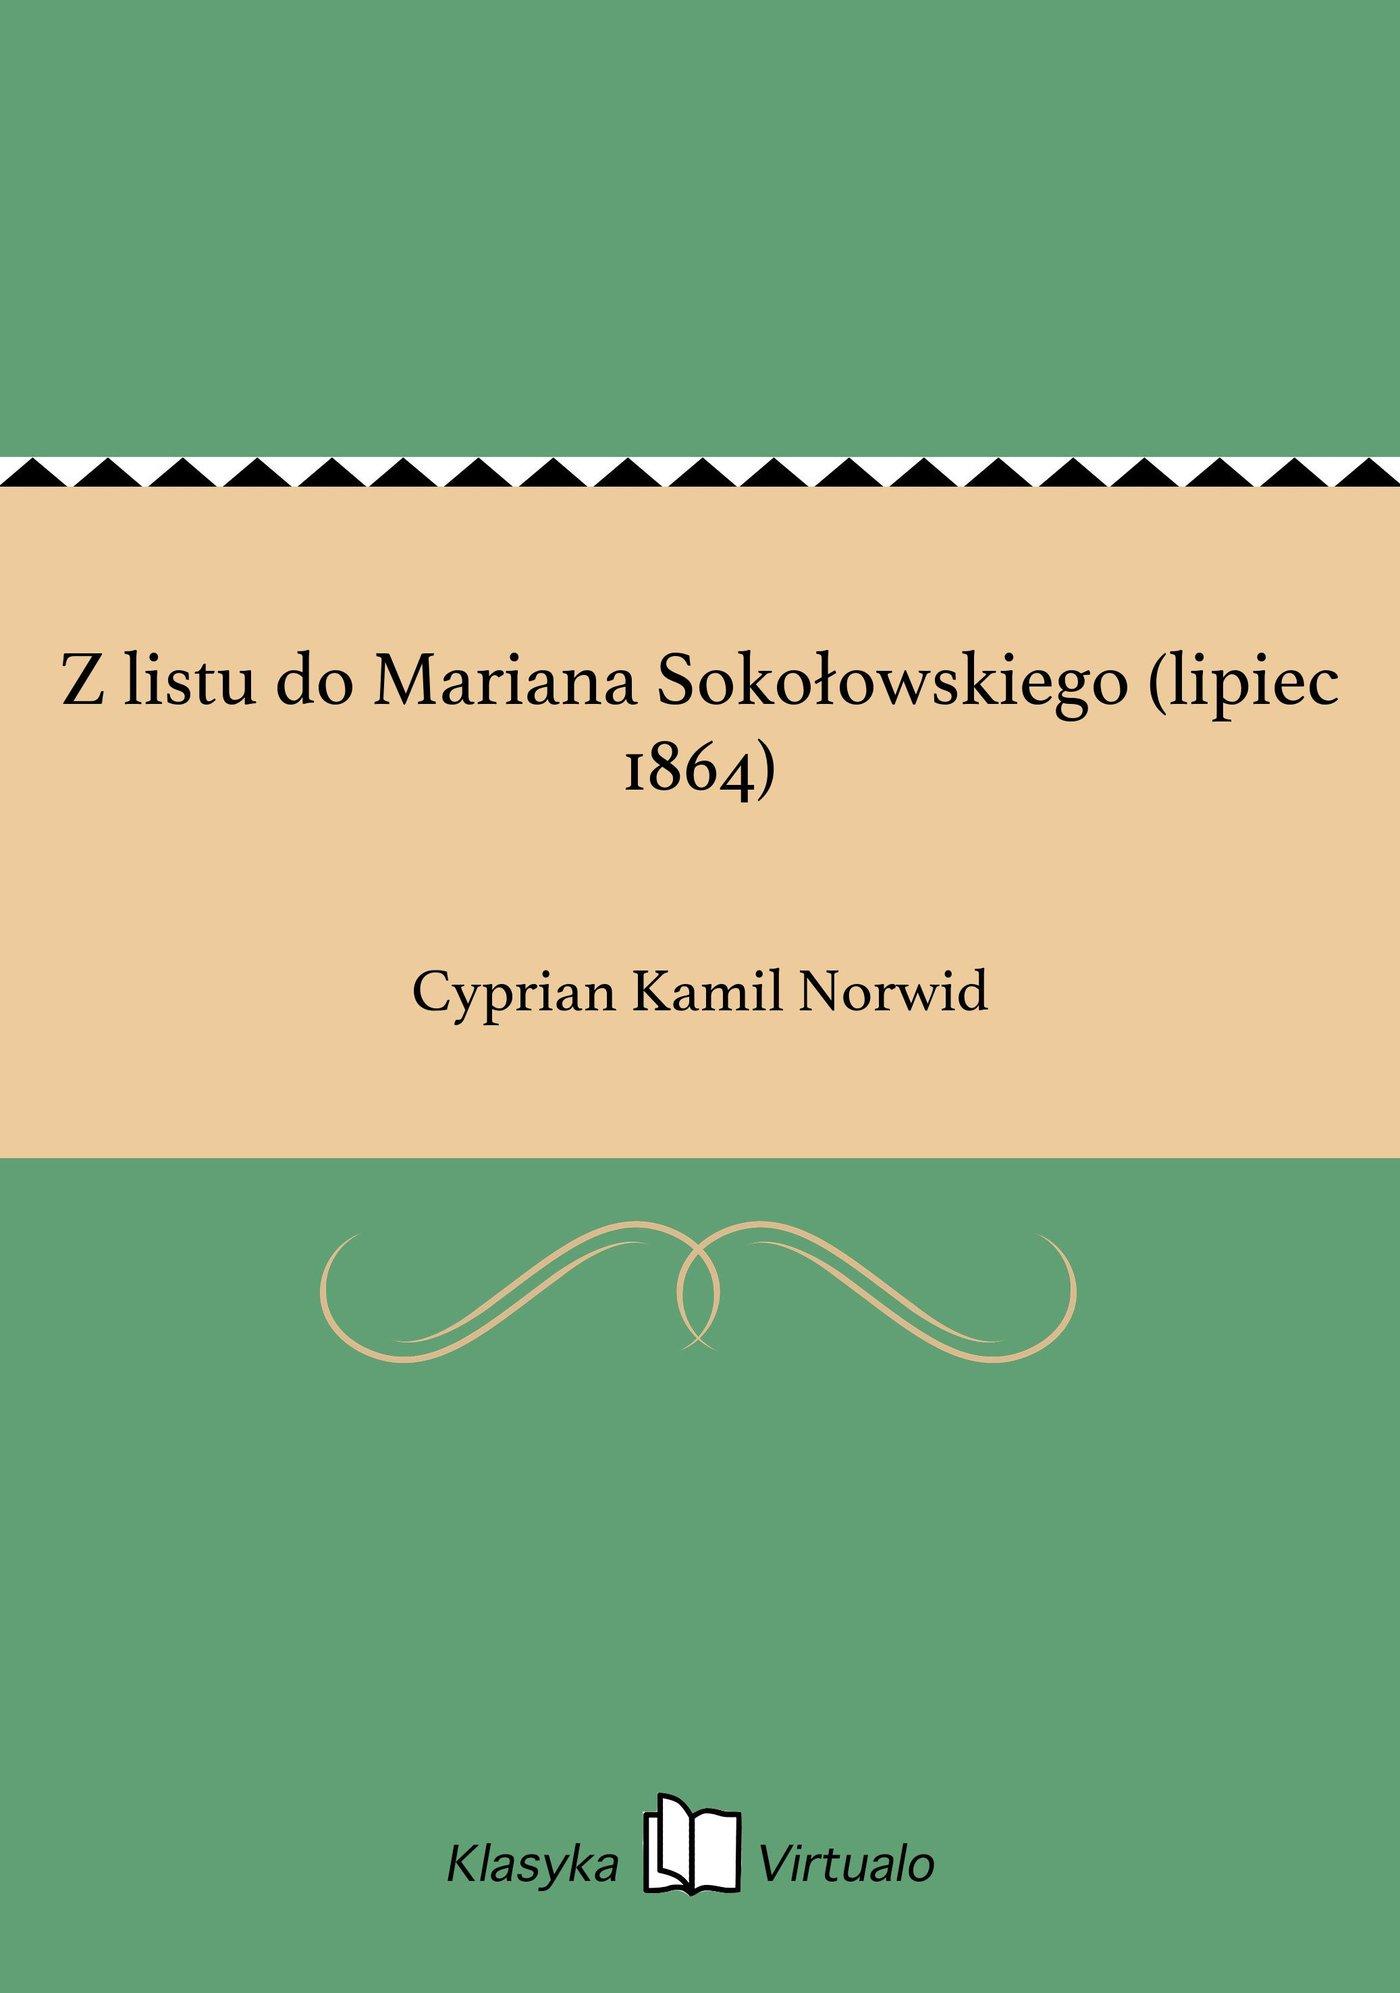 Z listu do Mariana Sokołowskiego (lipiec 1864) - Ebook (Książka na Kindle) do pobrania w formacie MOBI